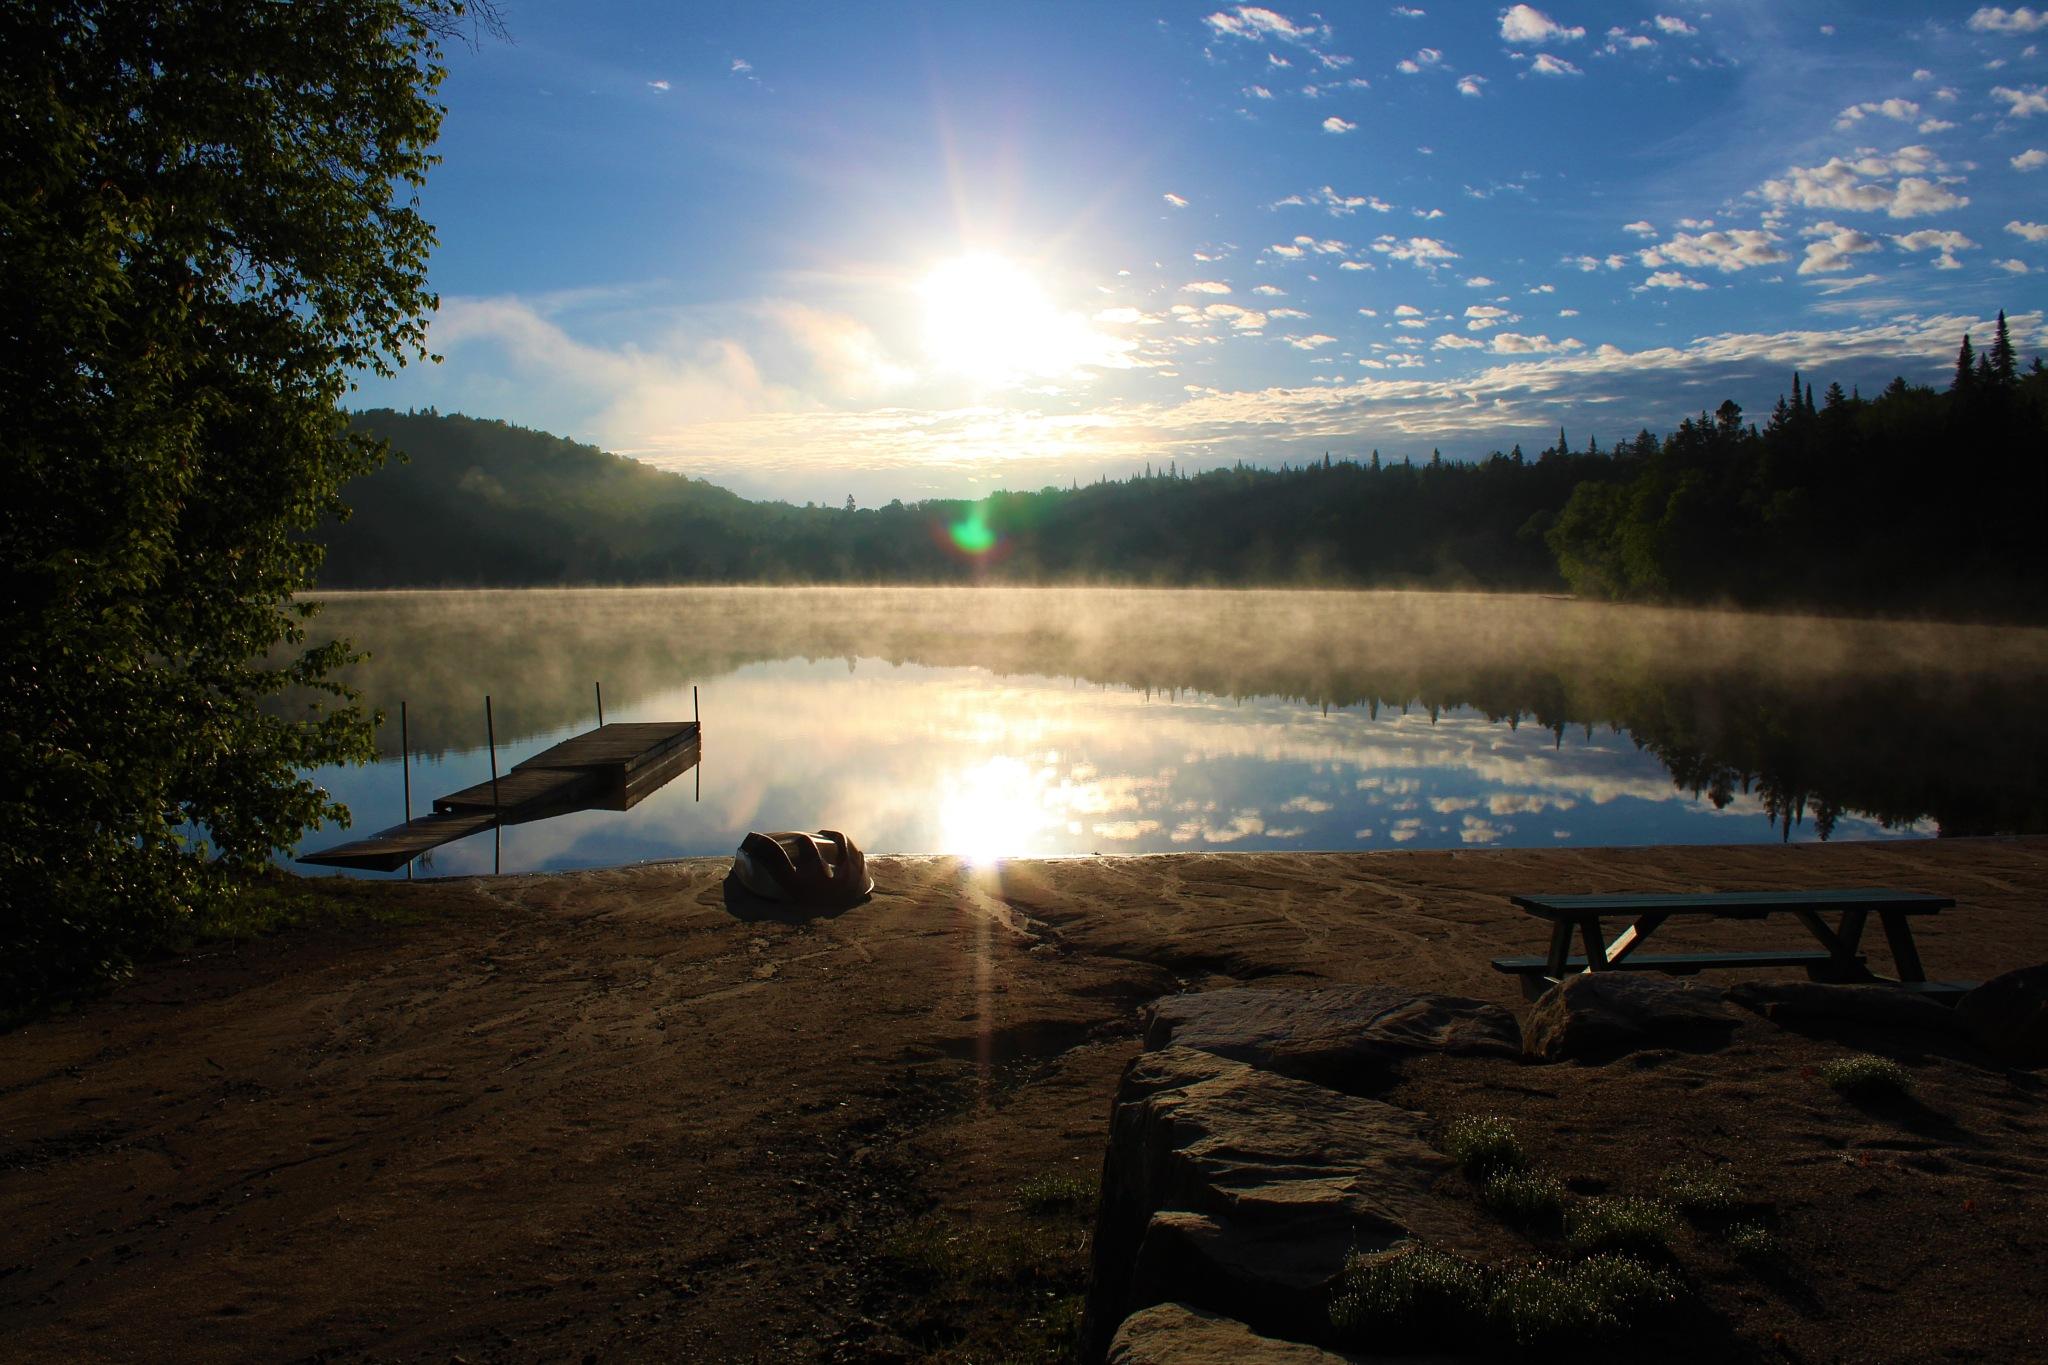 Un lever de soleil pour garder espoir by Vert Le Voyage